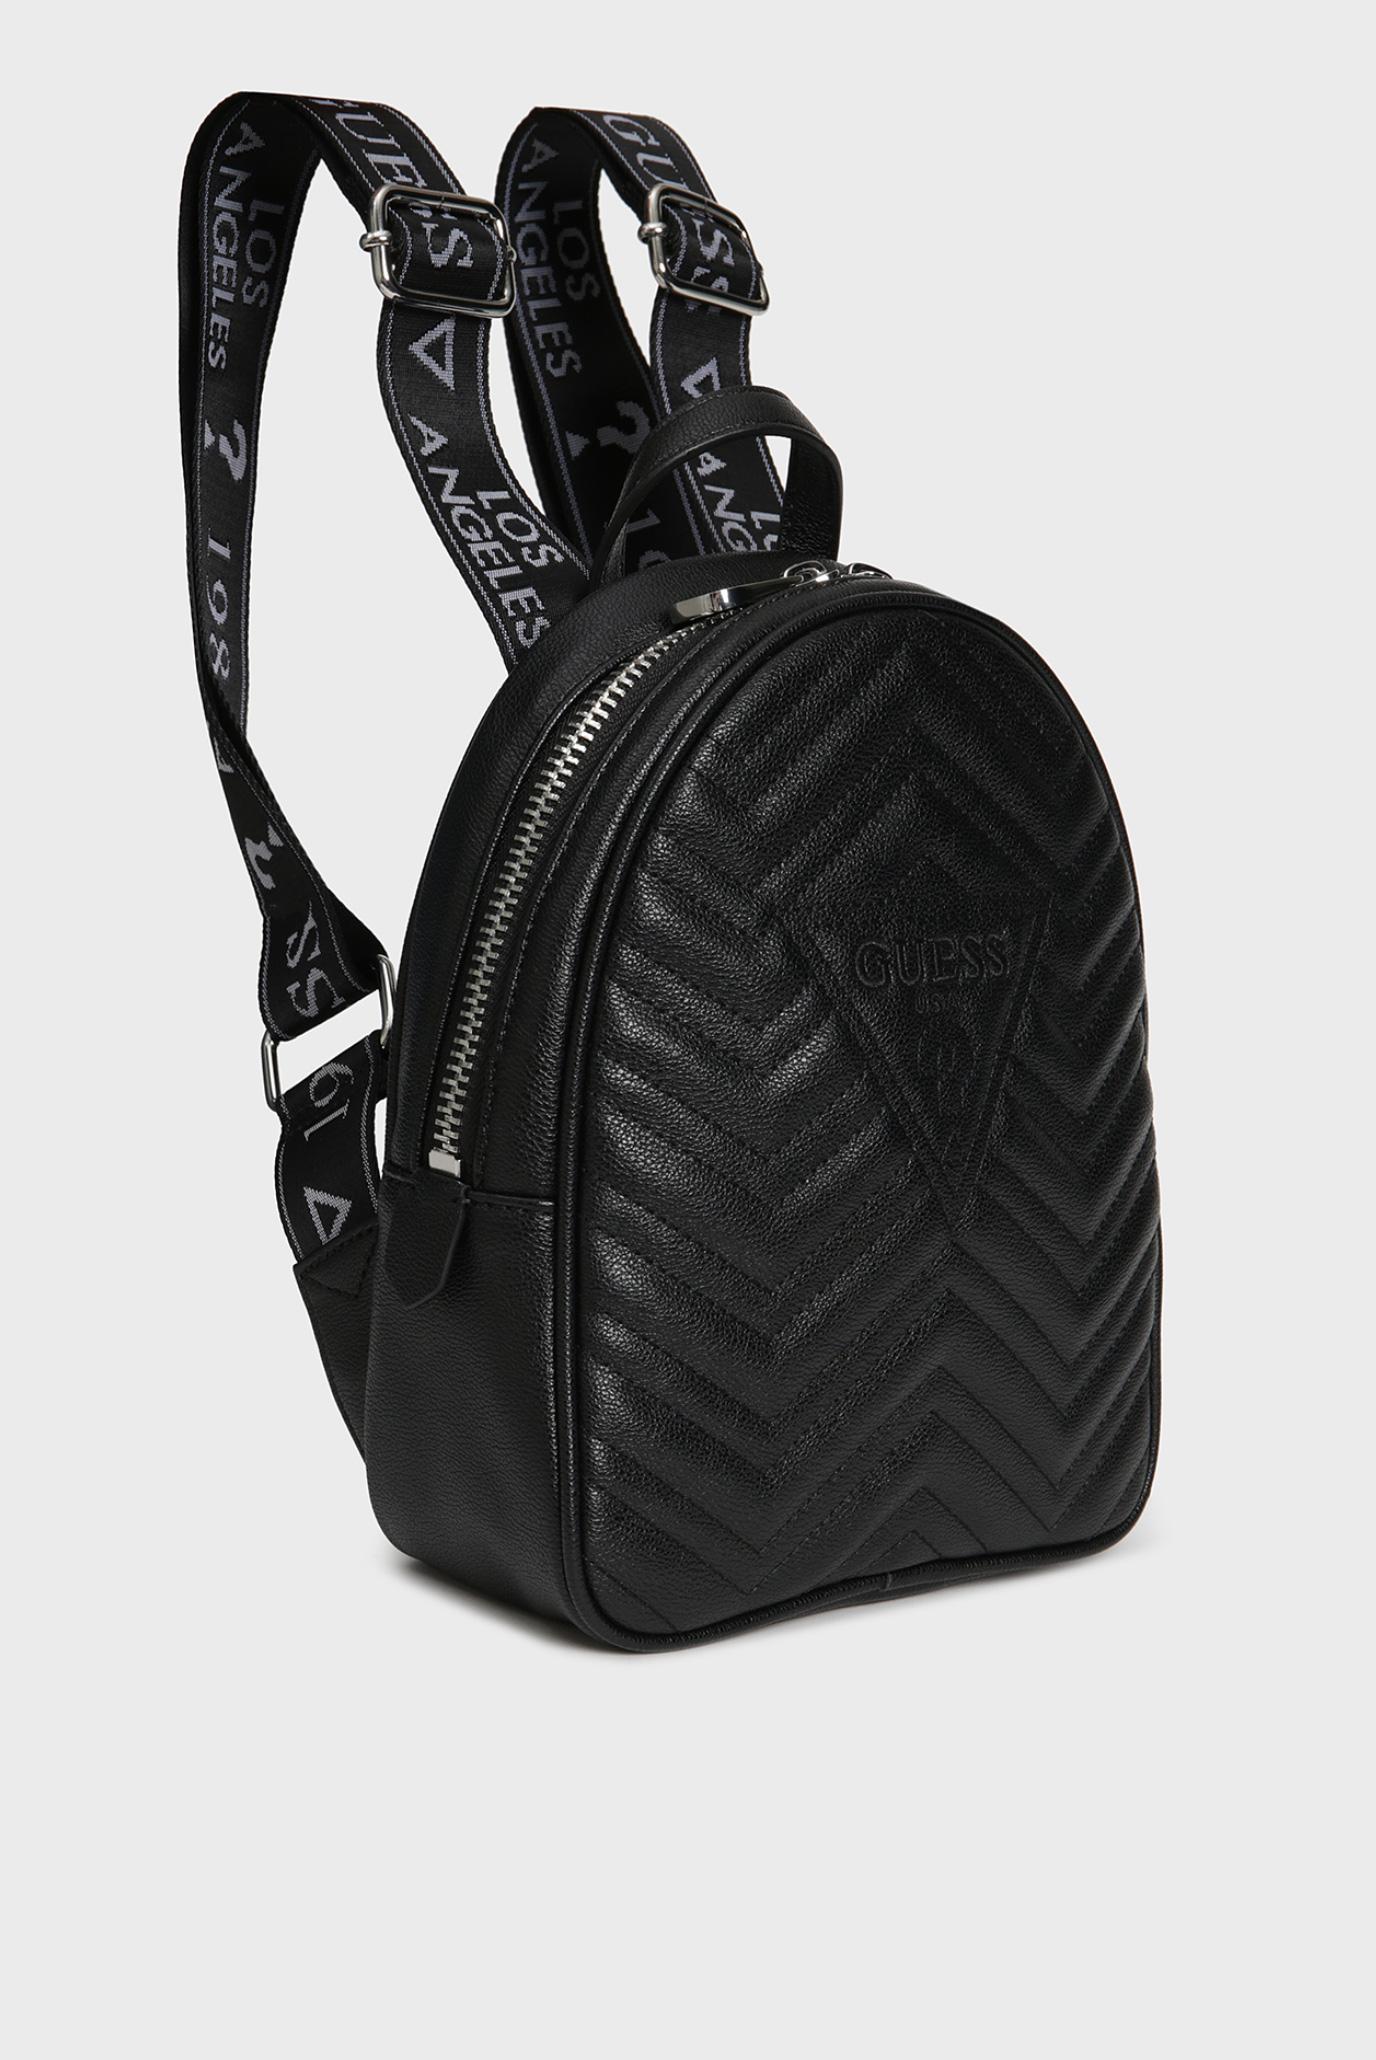 Женский черный рюкзак ZANA BACKPACK Guess